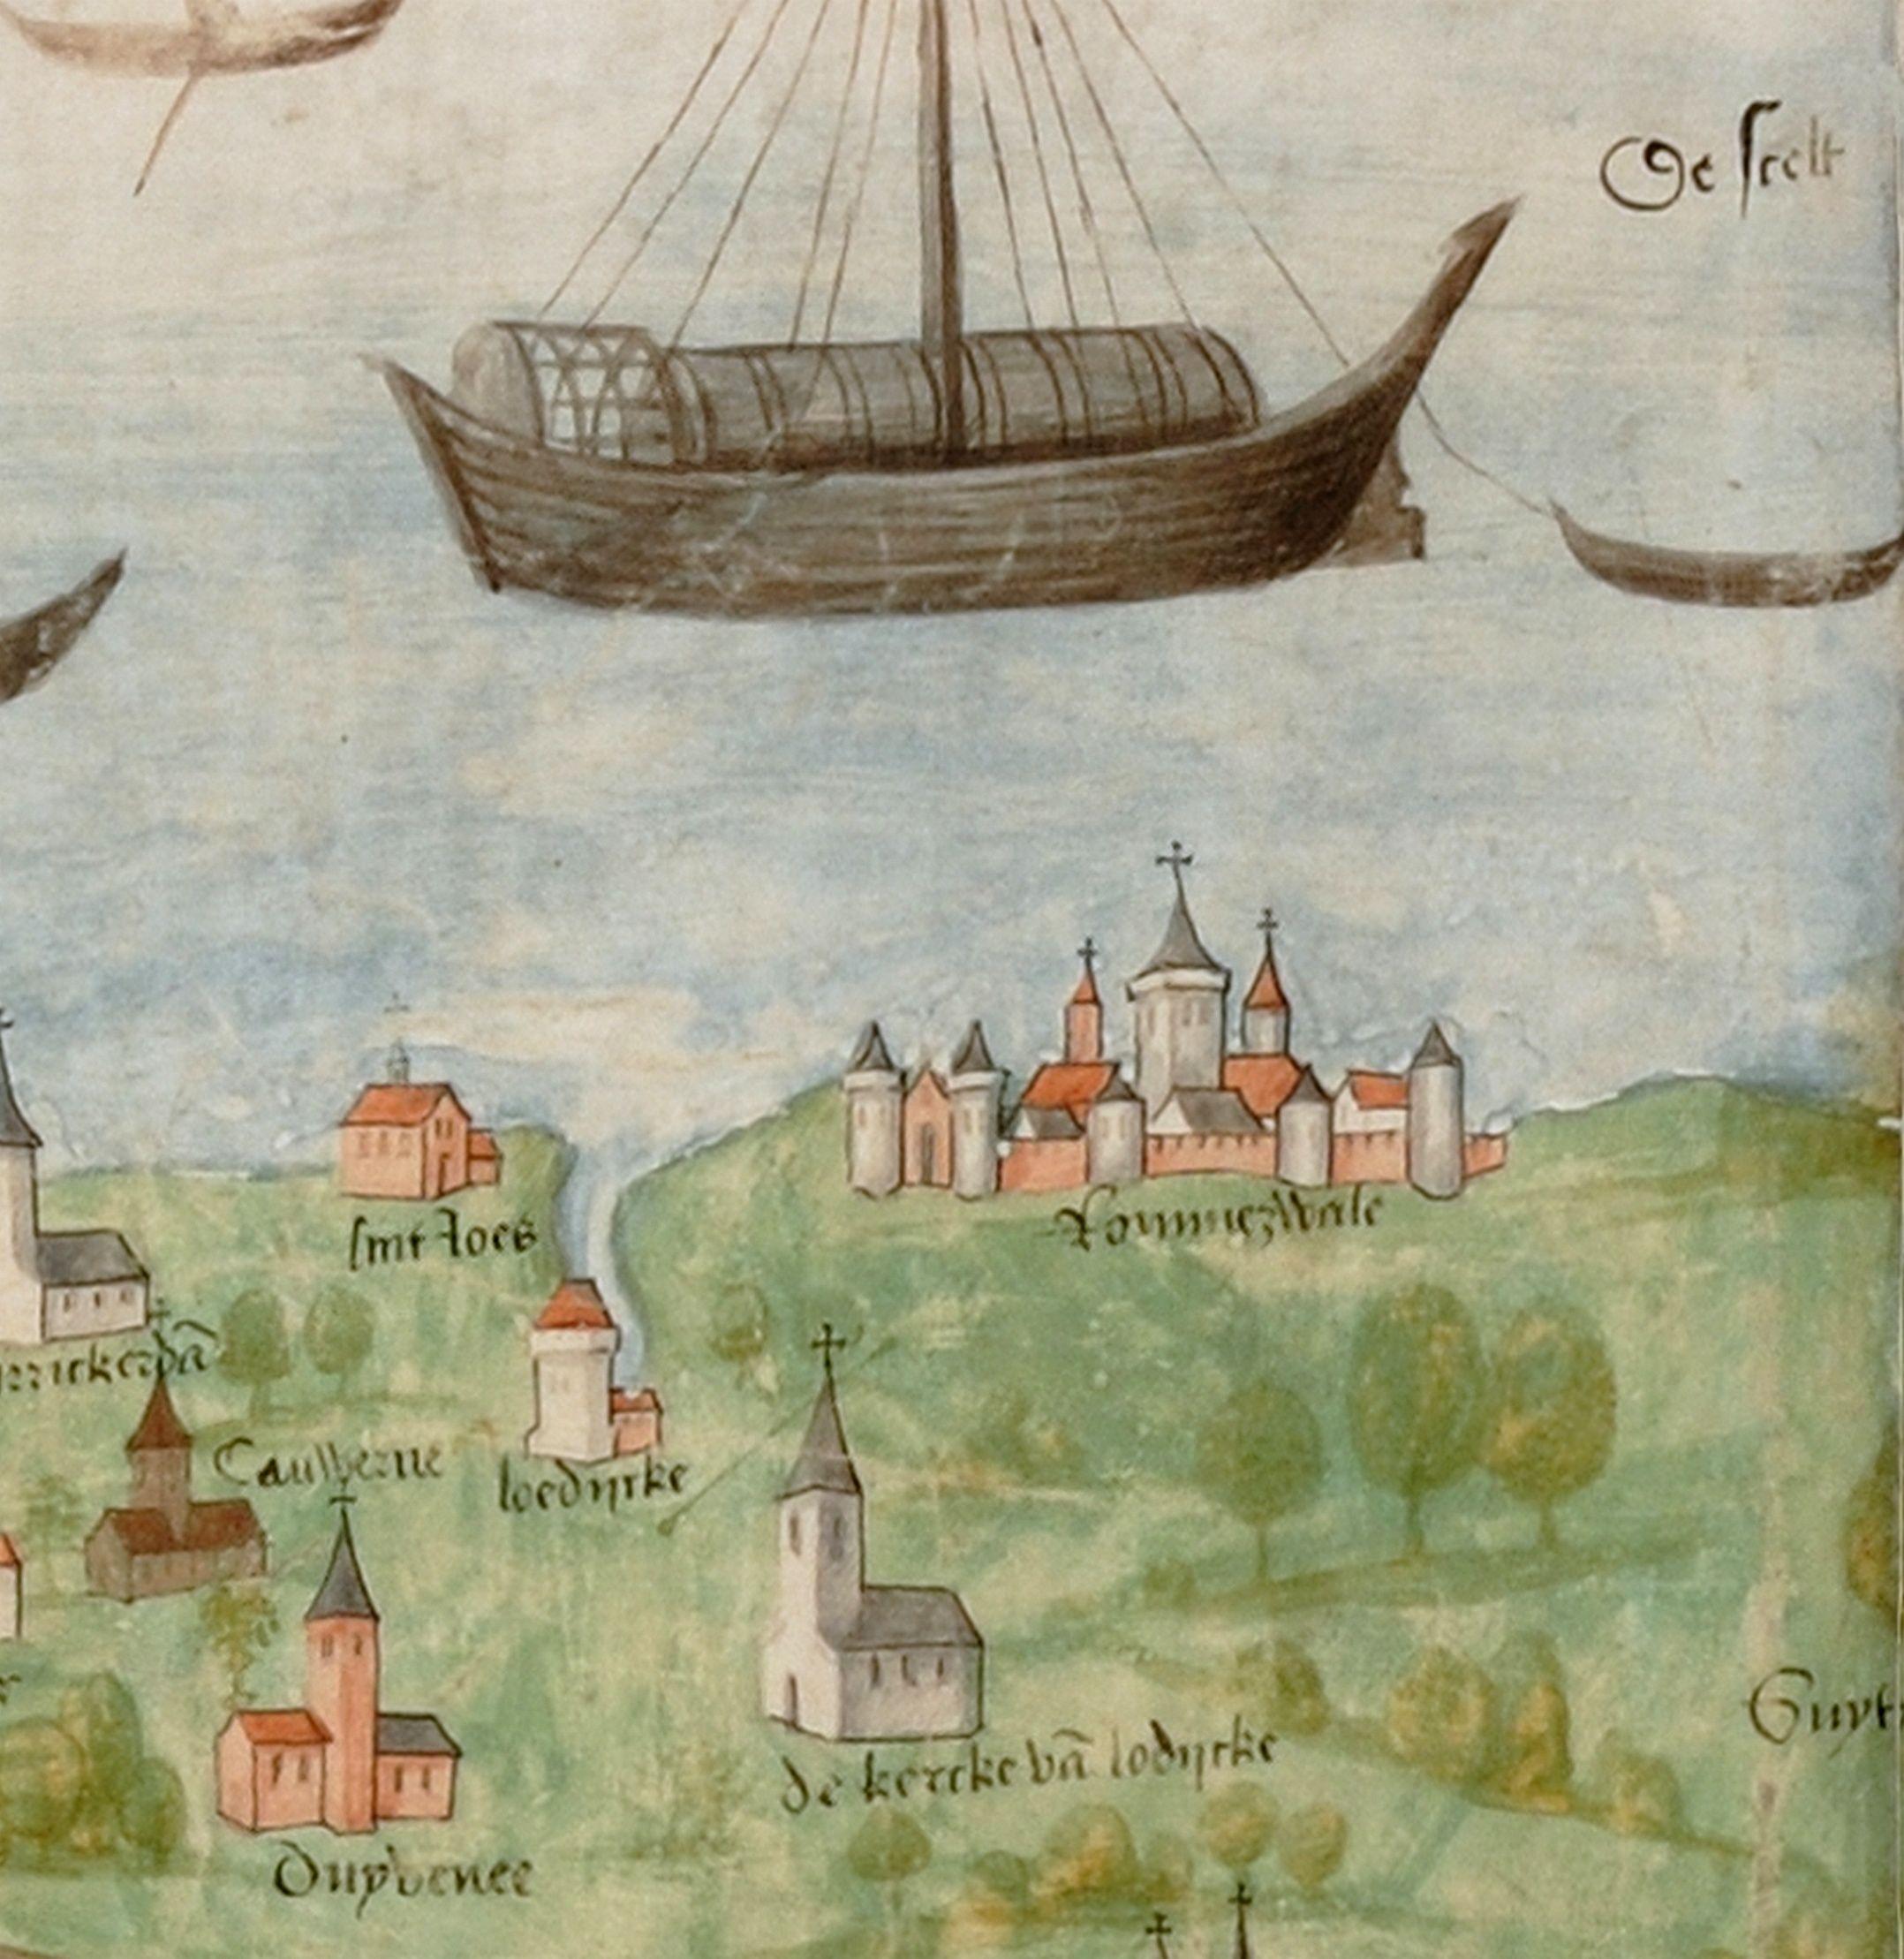 'Rommerswale', Lodijke en andere plaatsen op de Scheldekaart van 1504/05.